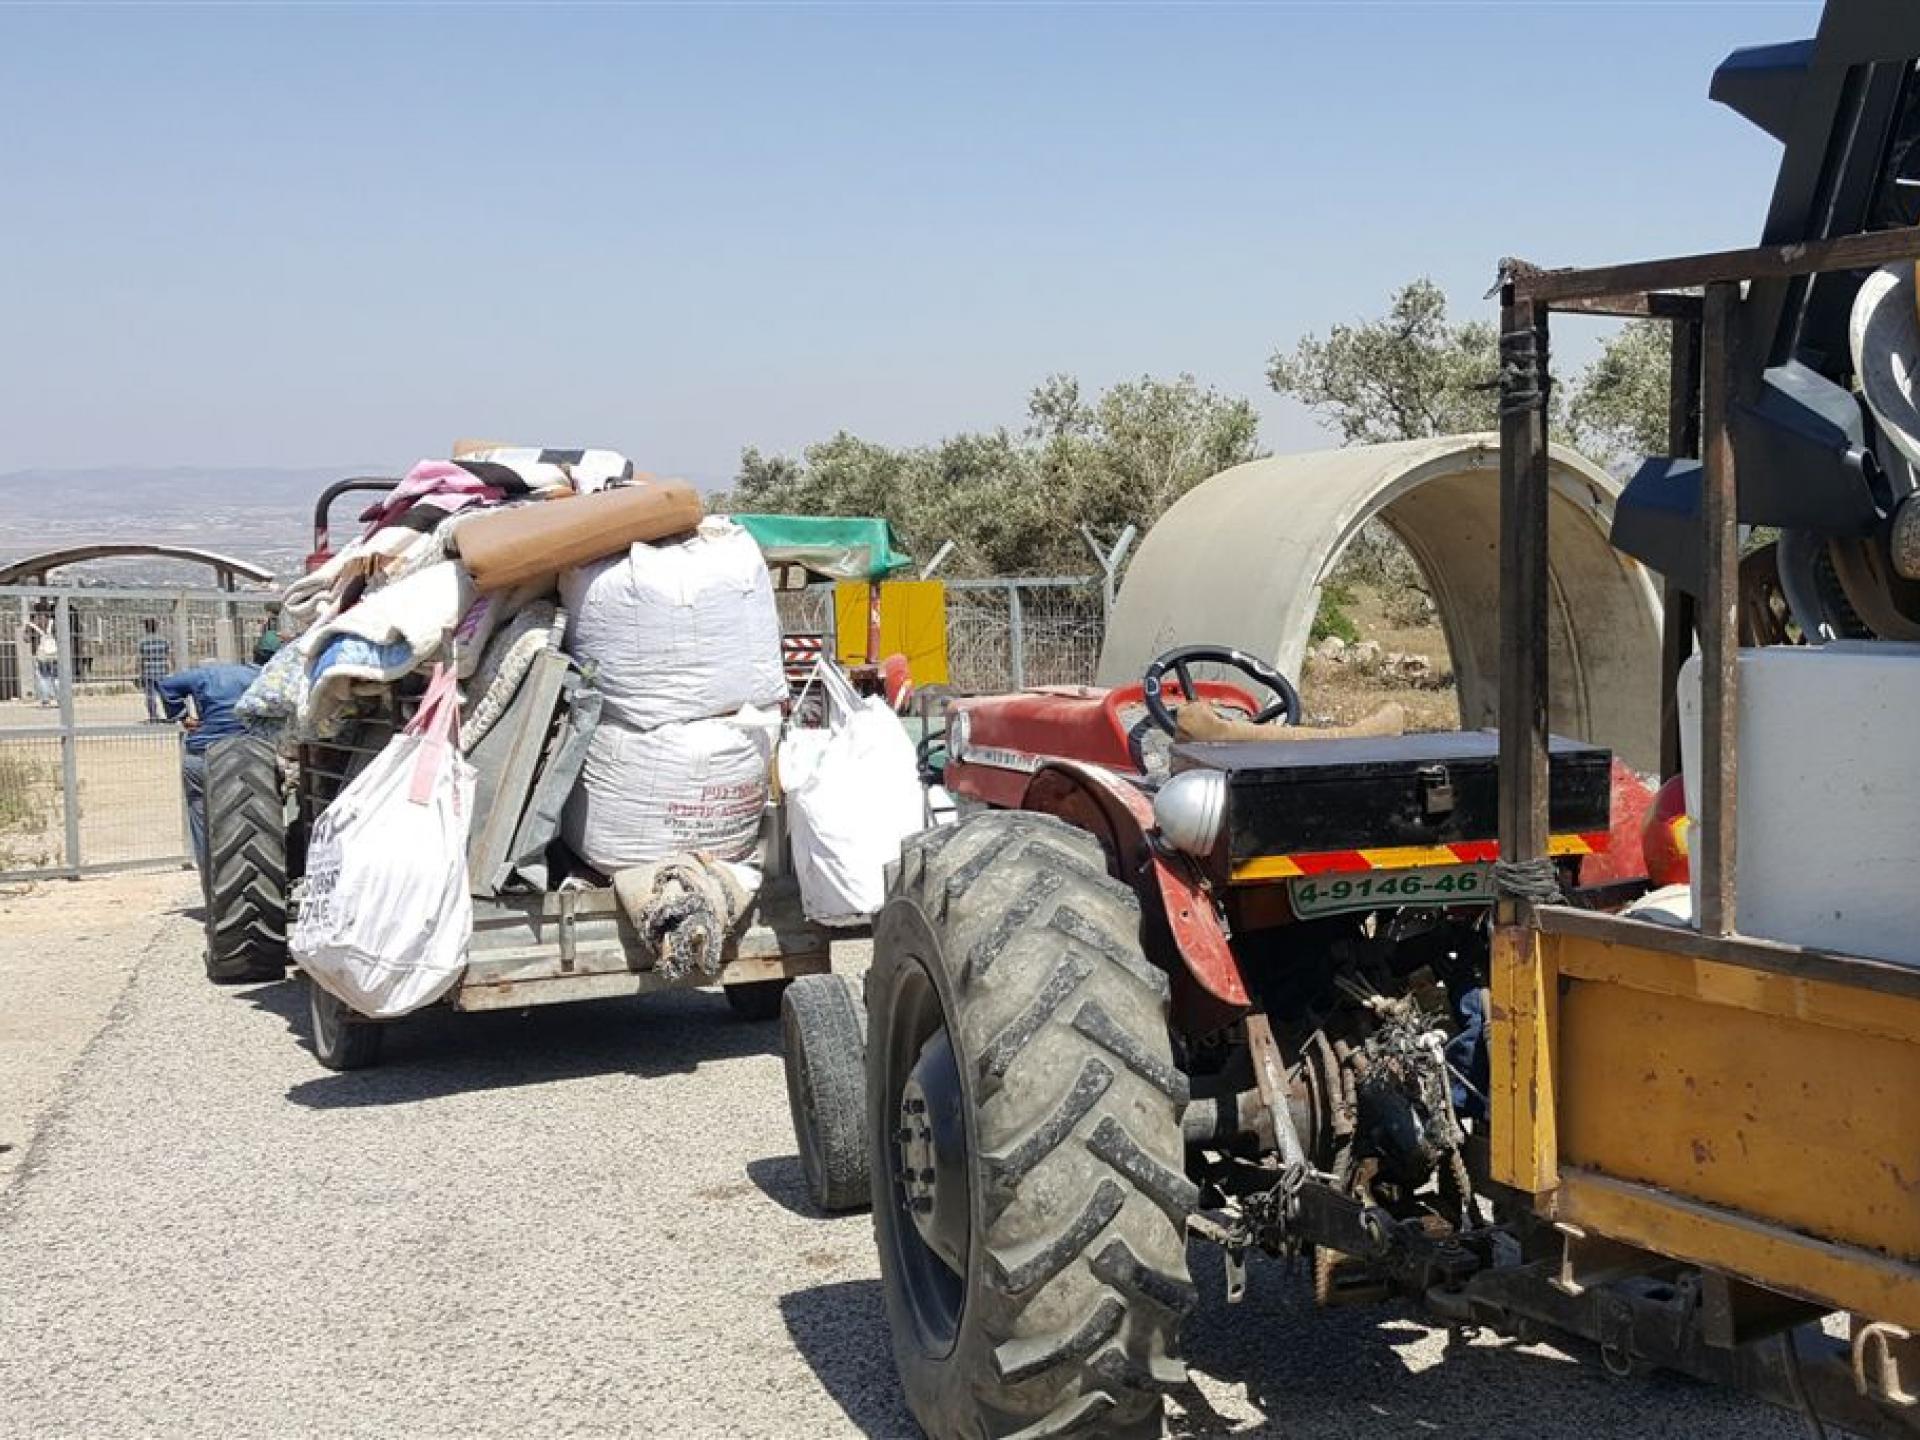 מחסום עאנין: טרקטורים חוזרים לכפר עם גרוטאות למחזור